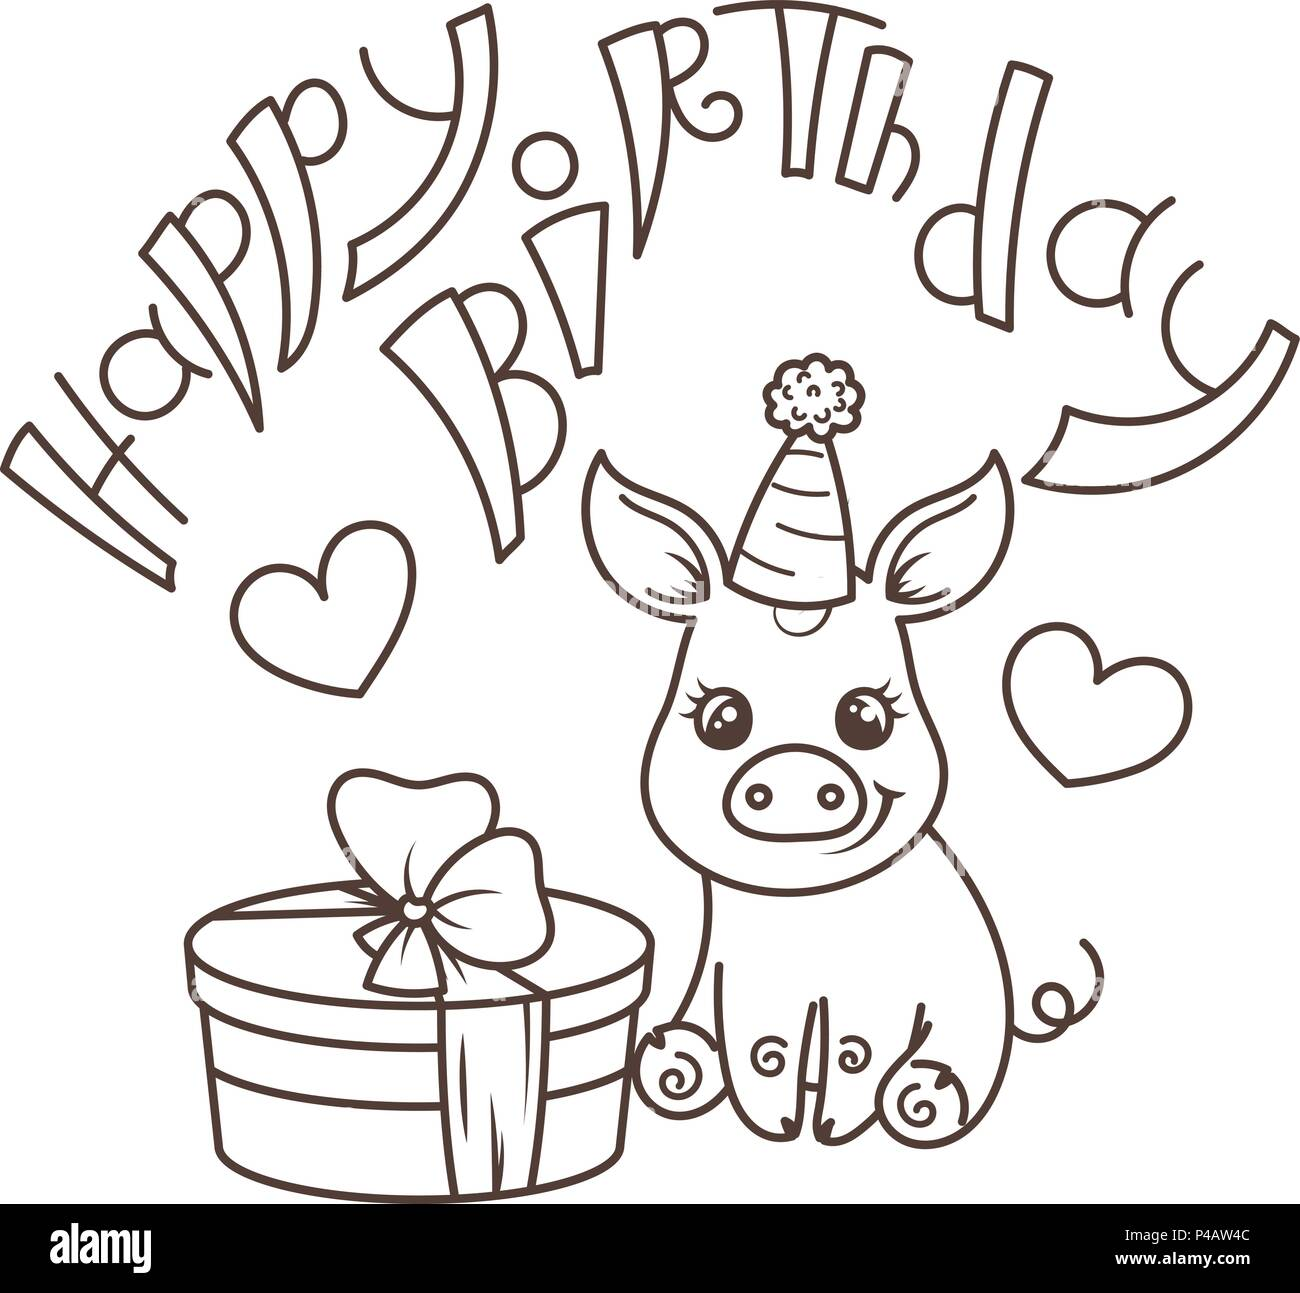 Coloriage Maison Cochon.Joyeux Anniversaire Cute Cartoon Bebe Cochon Avec Maison De